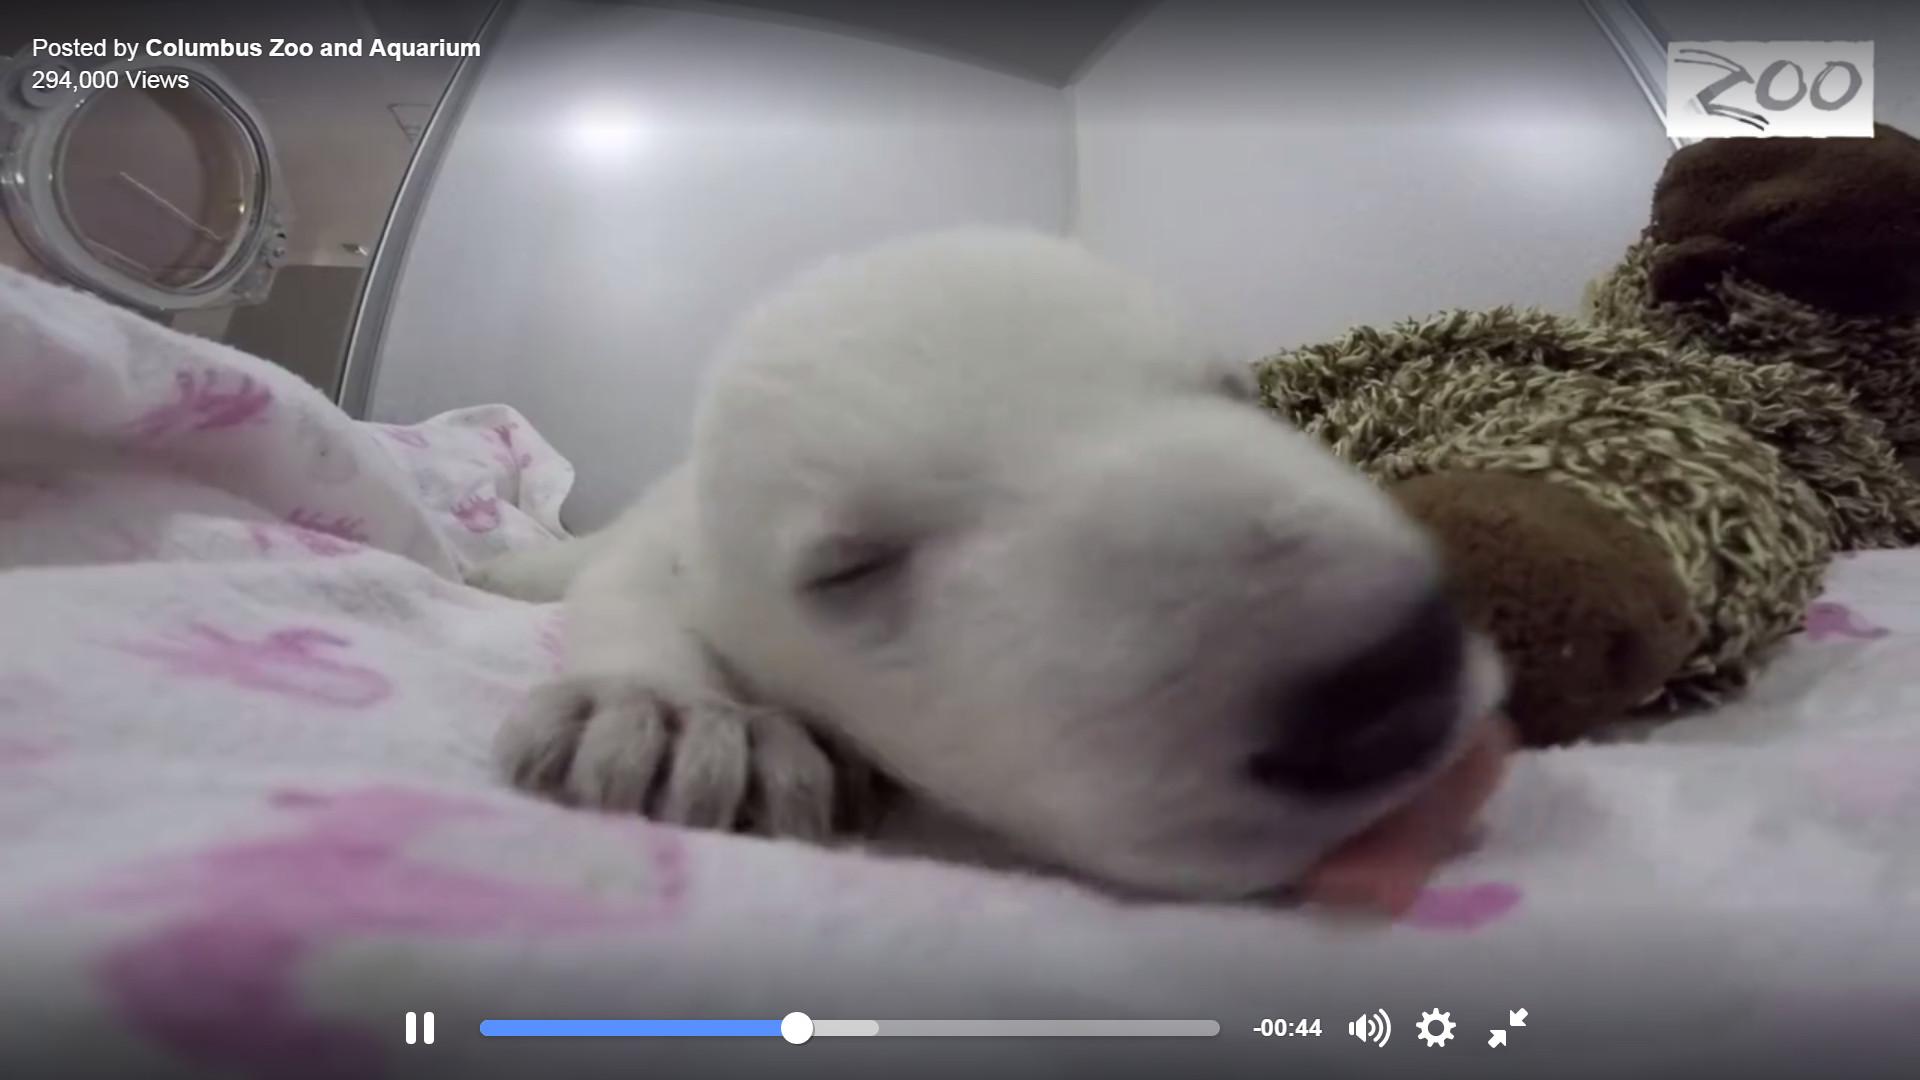 紧靠著大玩偶睡觉的北极熊宝宝可爱度爆表